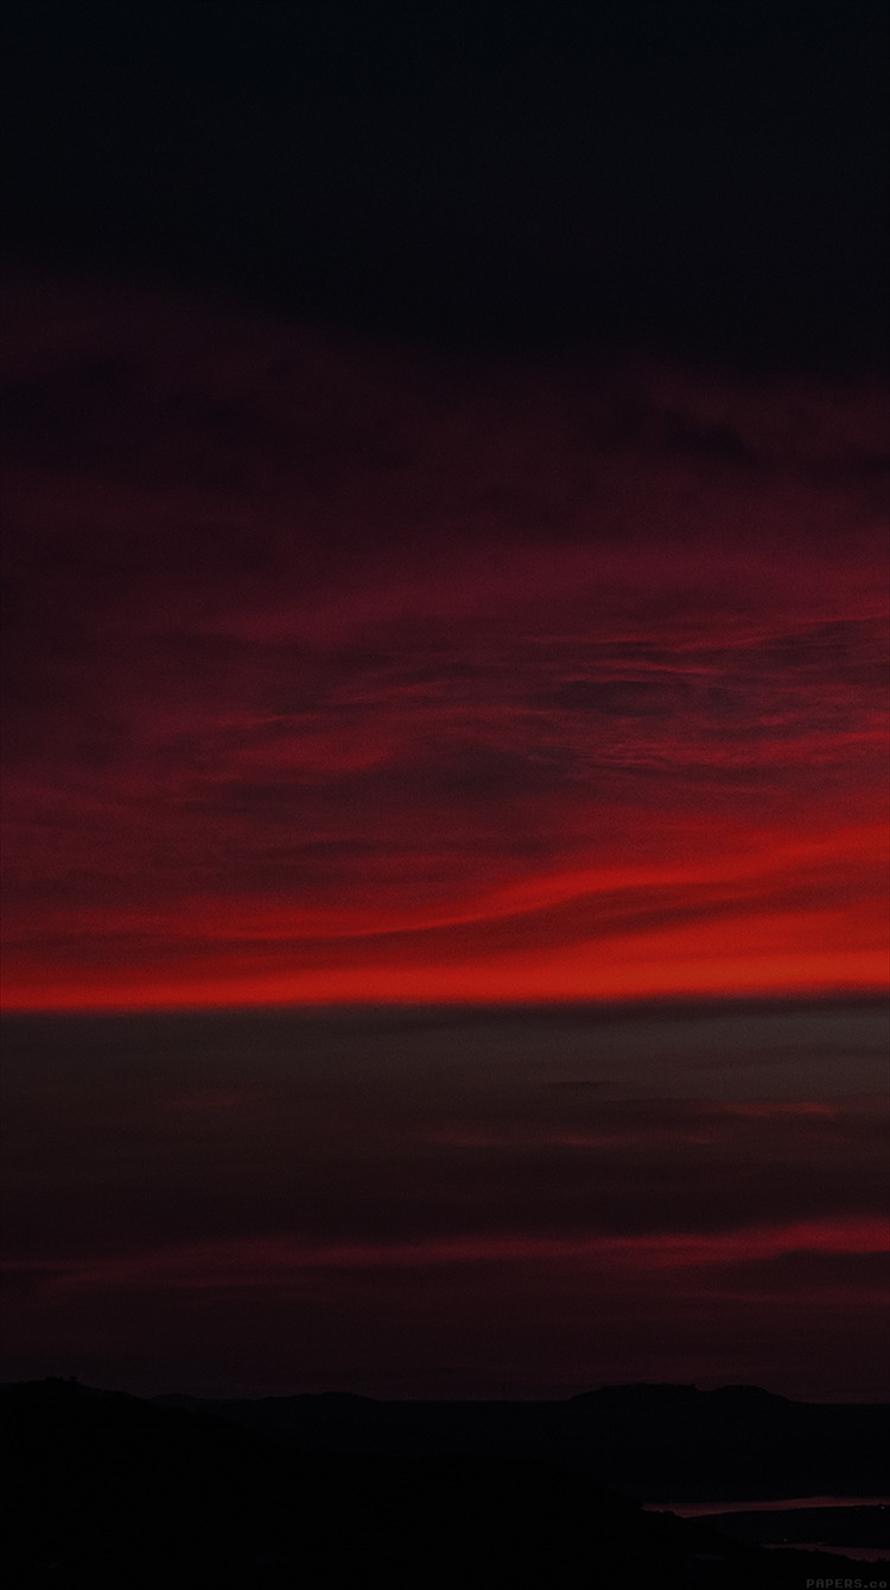 赤 黒 雲 Iphone6壁紙 Wallpaperbox